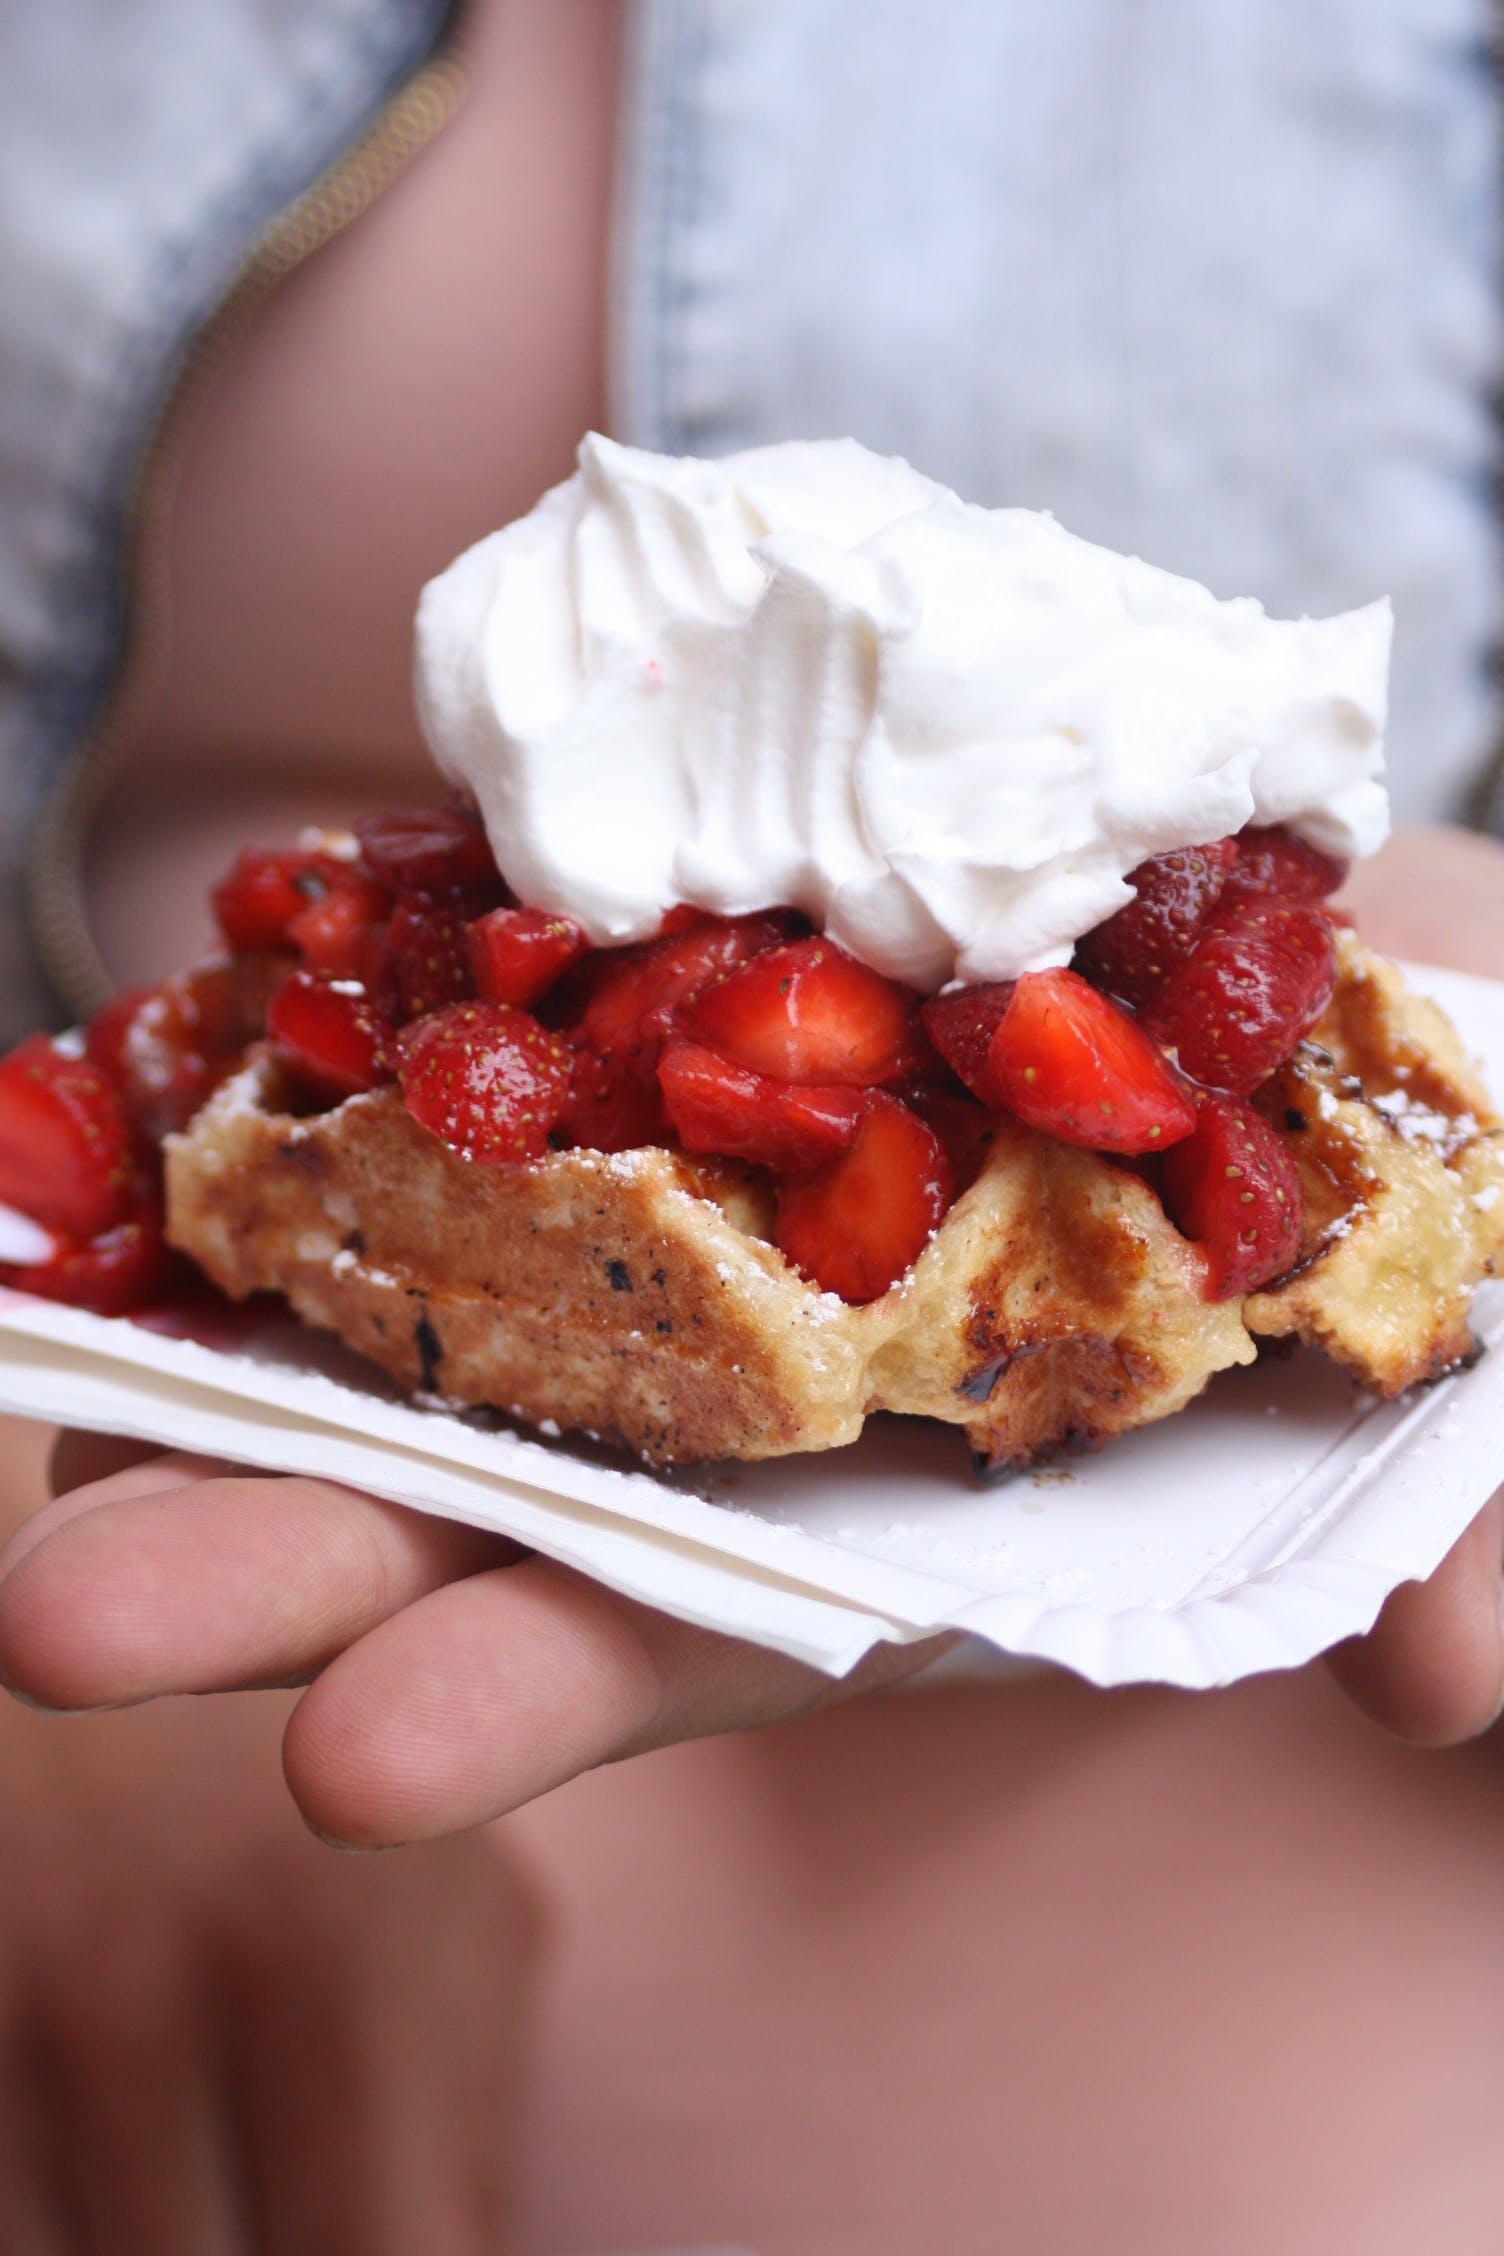 Gratis stockfoto met aardbeien, bakken, besjes, cake